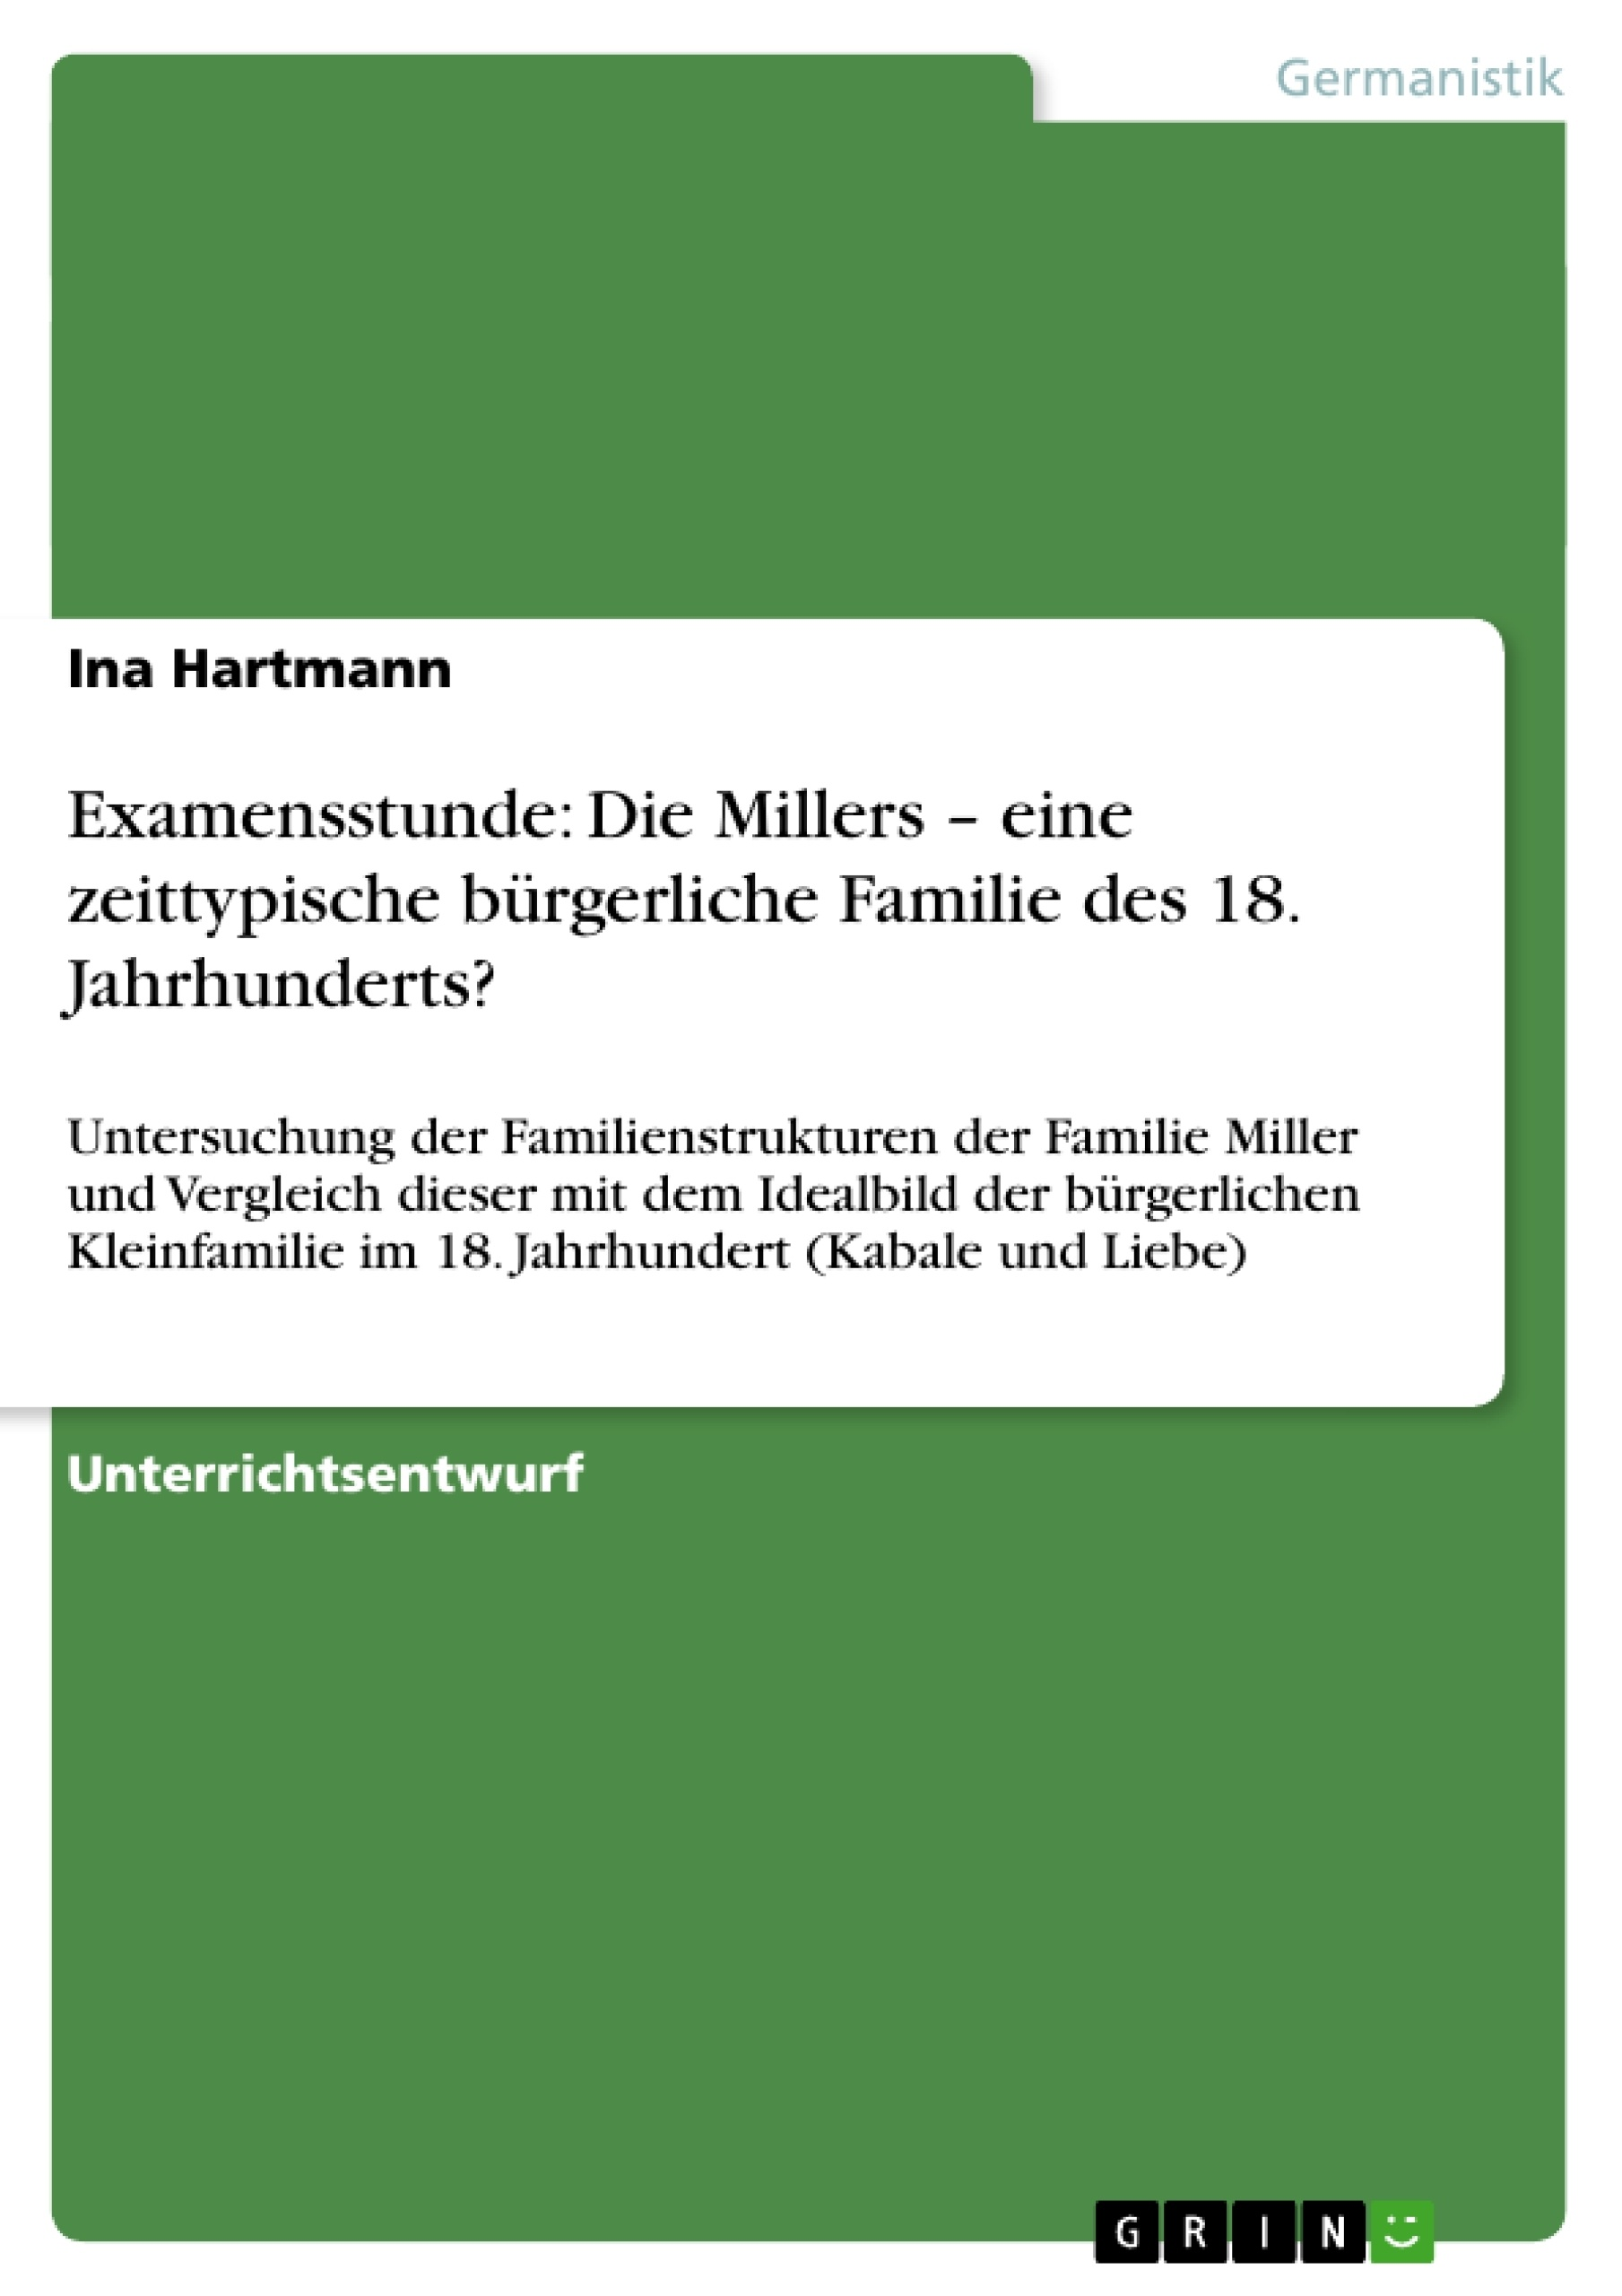 Titel: Examensstunde: Die Millers – eine zeittypische bürgerliche Familie des 18. Jahrhunderts?